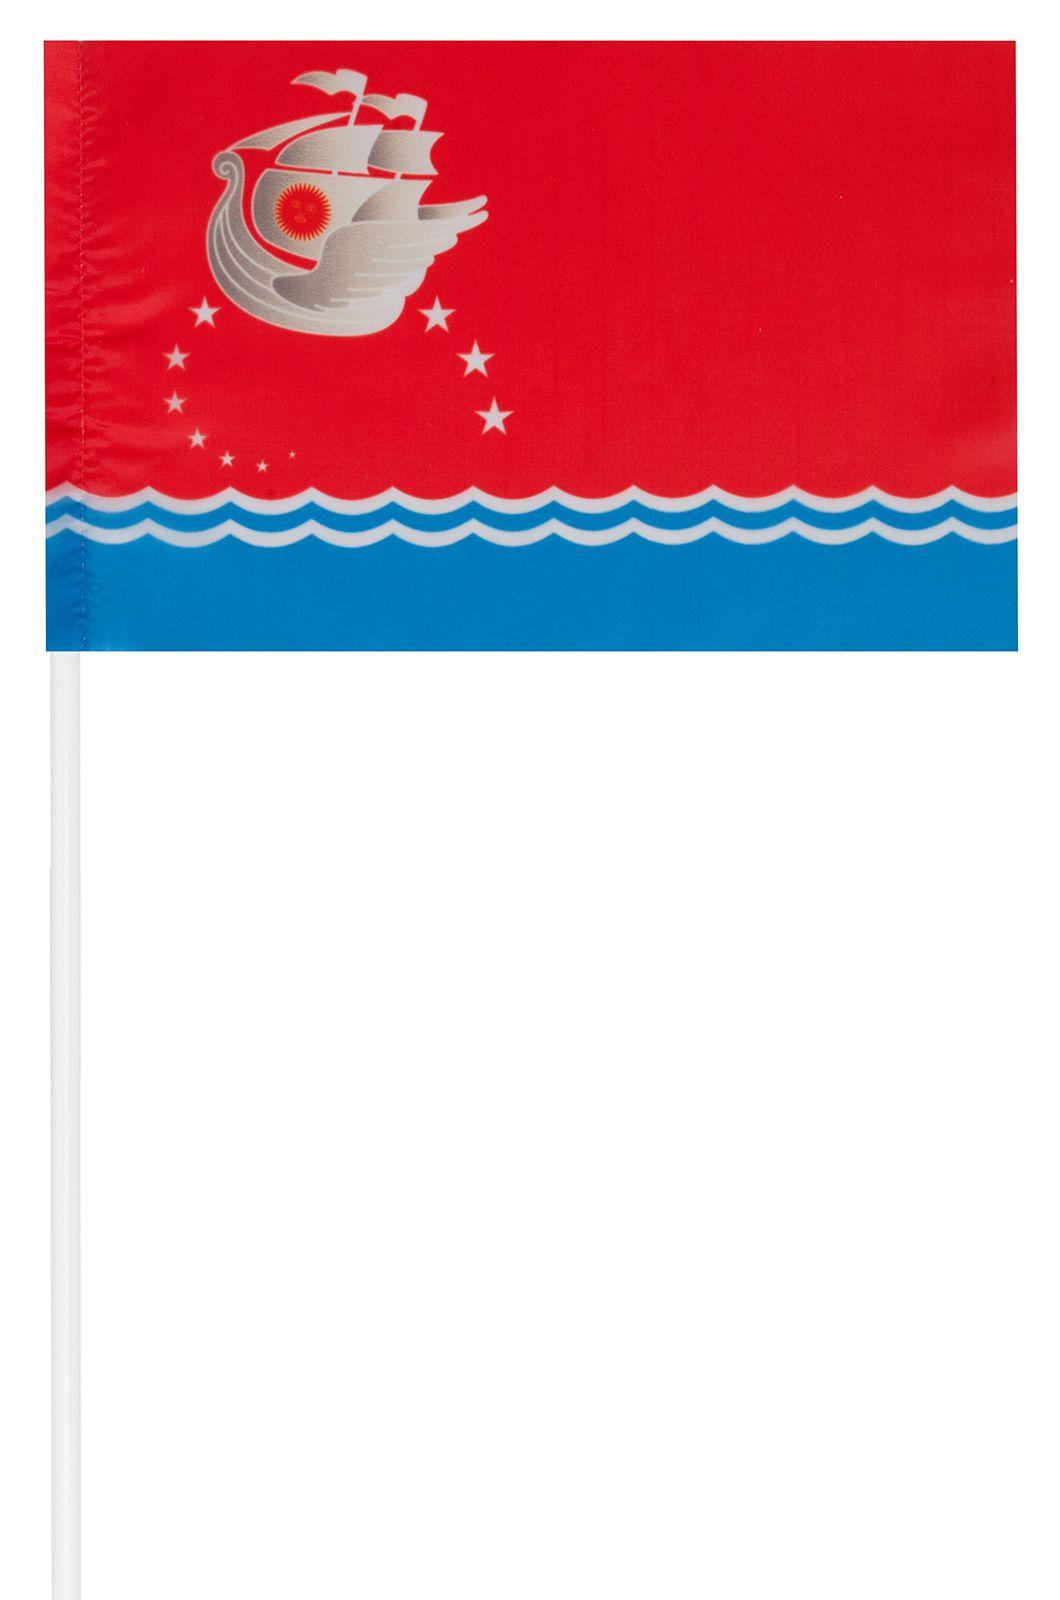 Купить флажок поселка Приморский онлайн по низкой цене